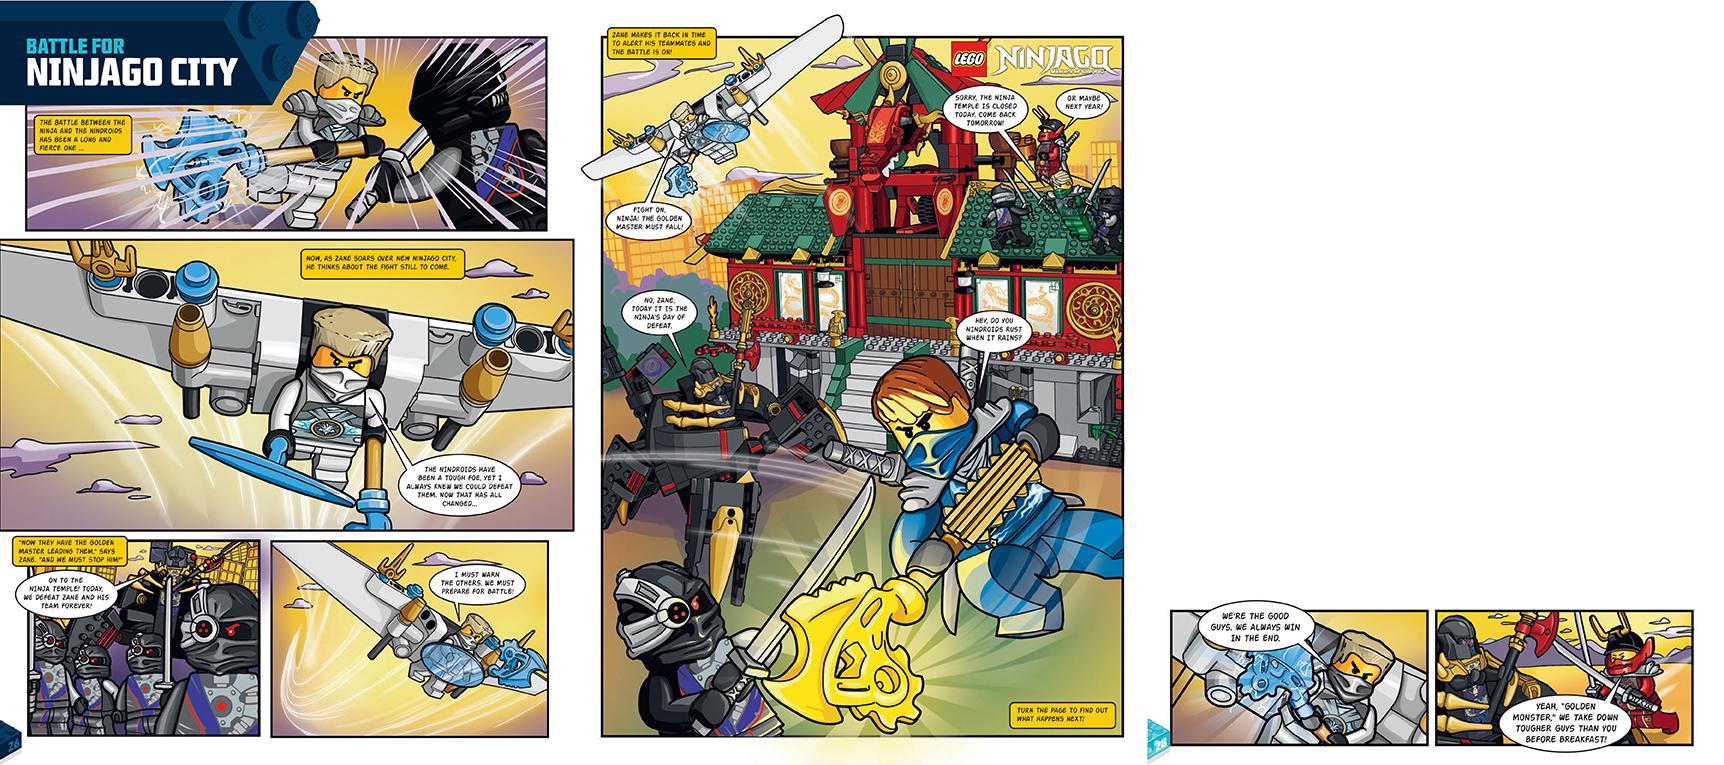 Ninjago- 2.25 Page Spread